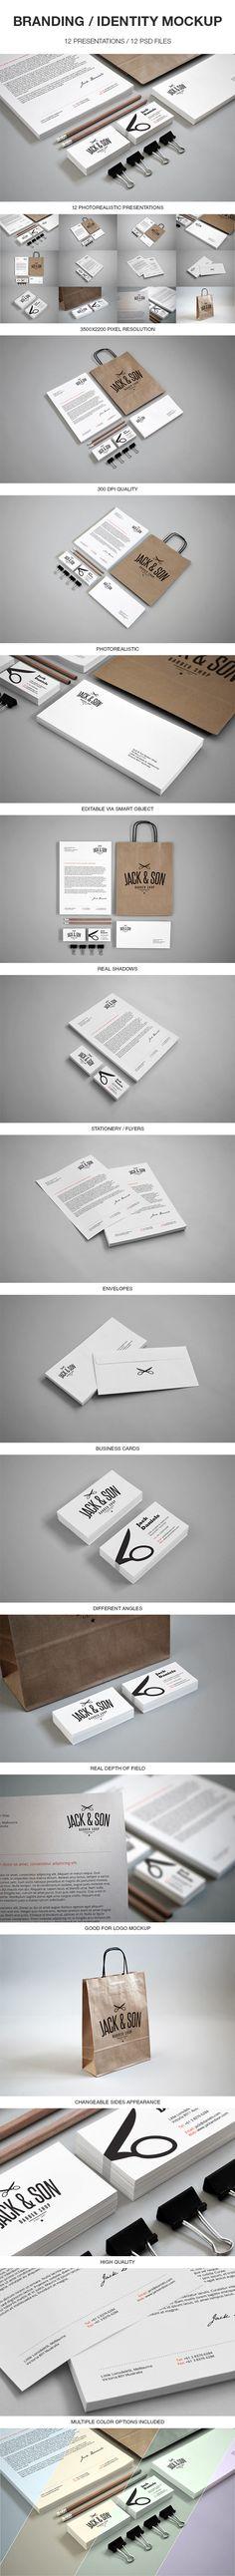 Branding / Identity Mockup by BlueMonkeyLab